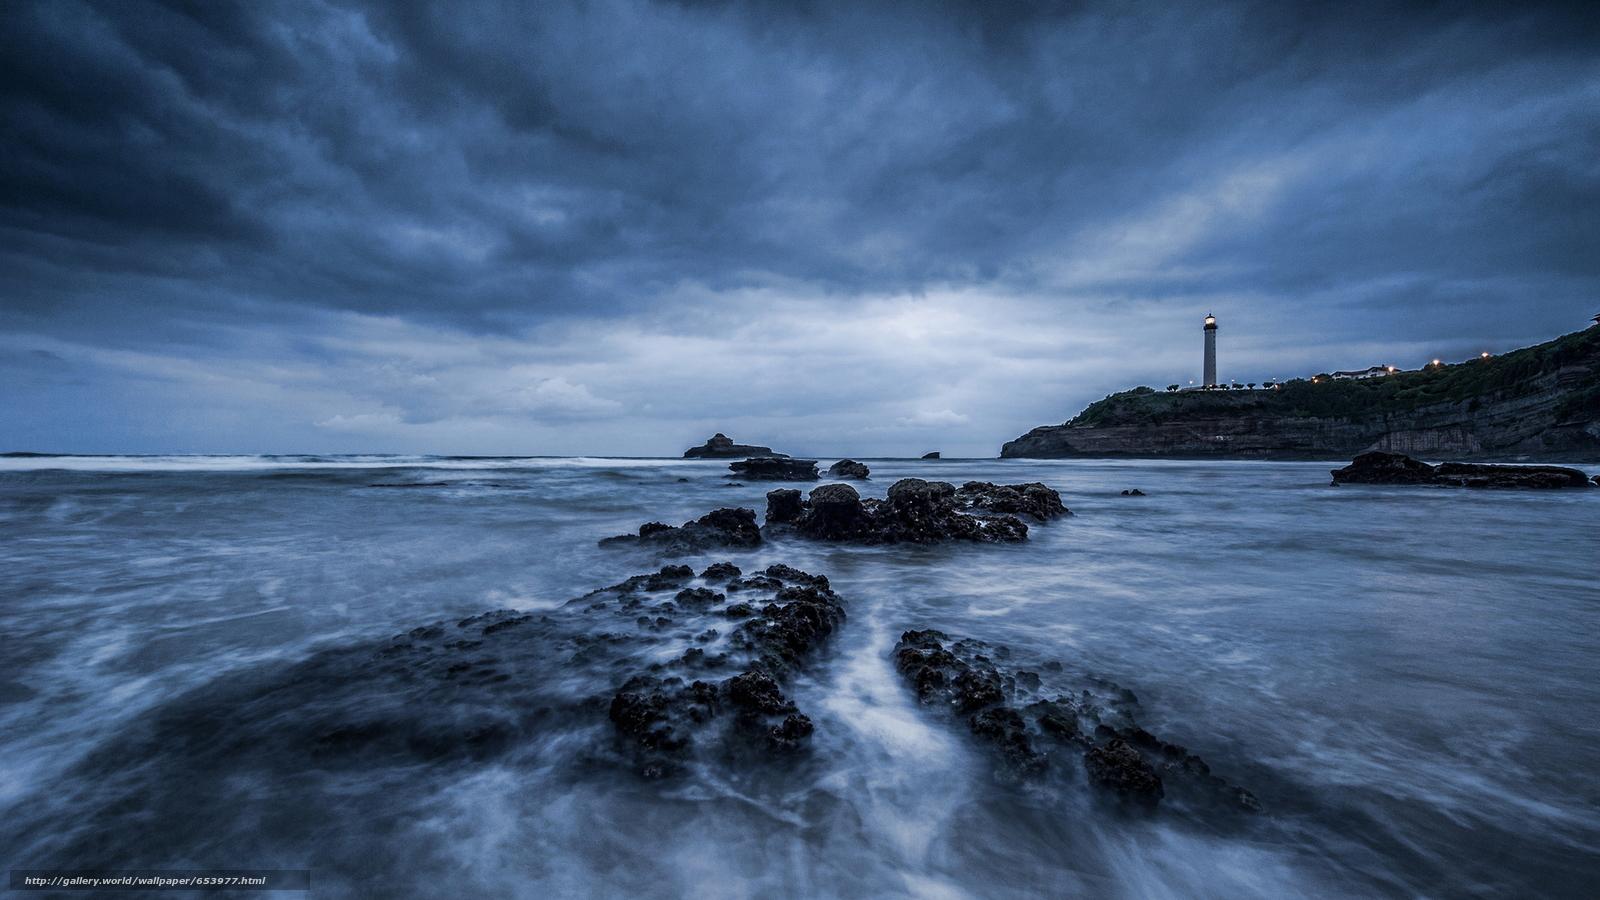 Скачать обои море,  океан,  водоем,  камни бесплатно для рабочего стола в разрешении 2048x1152 — картинка №653977